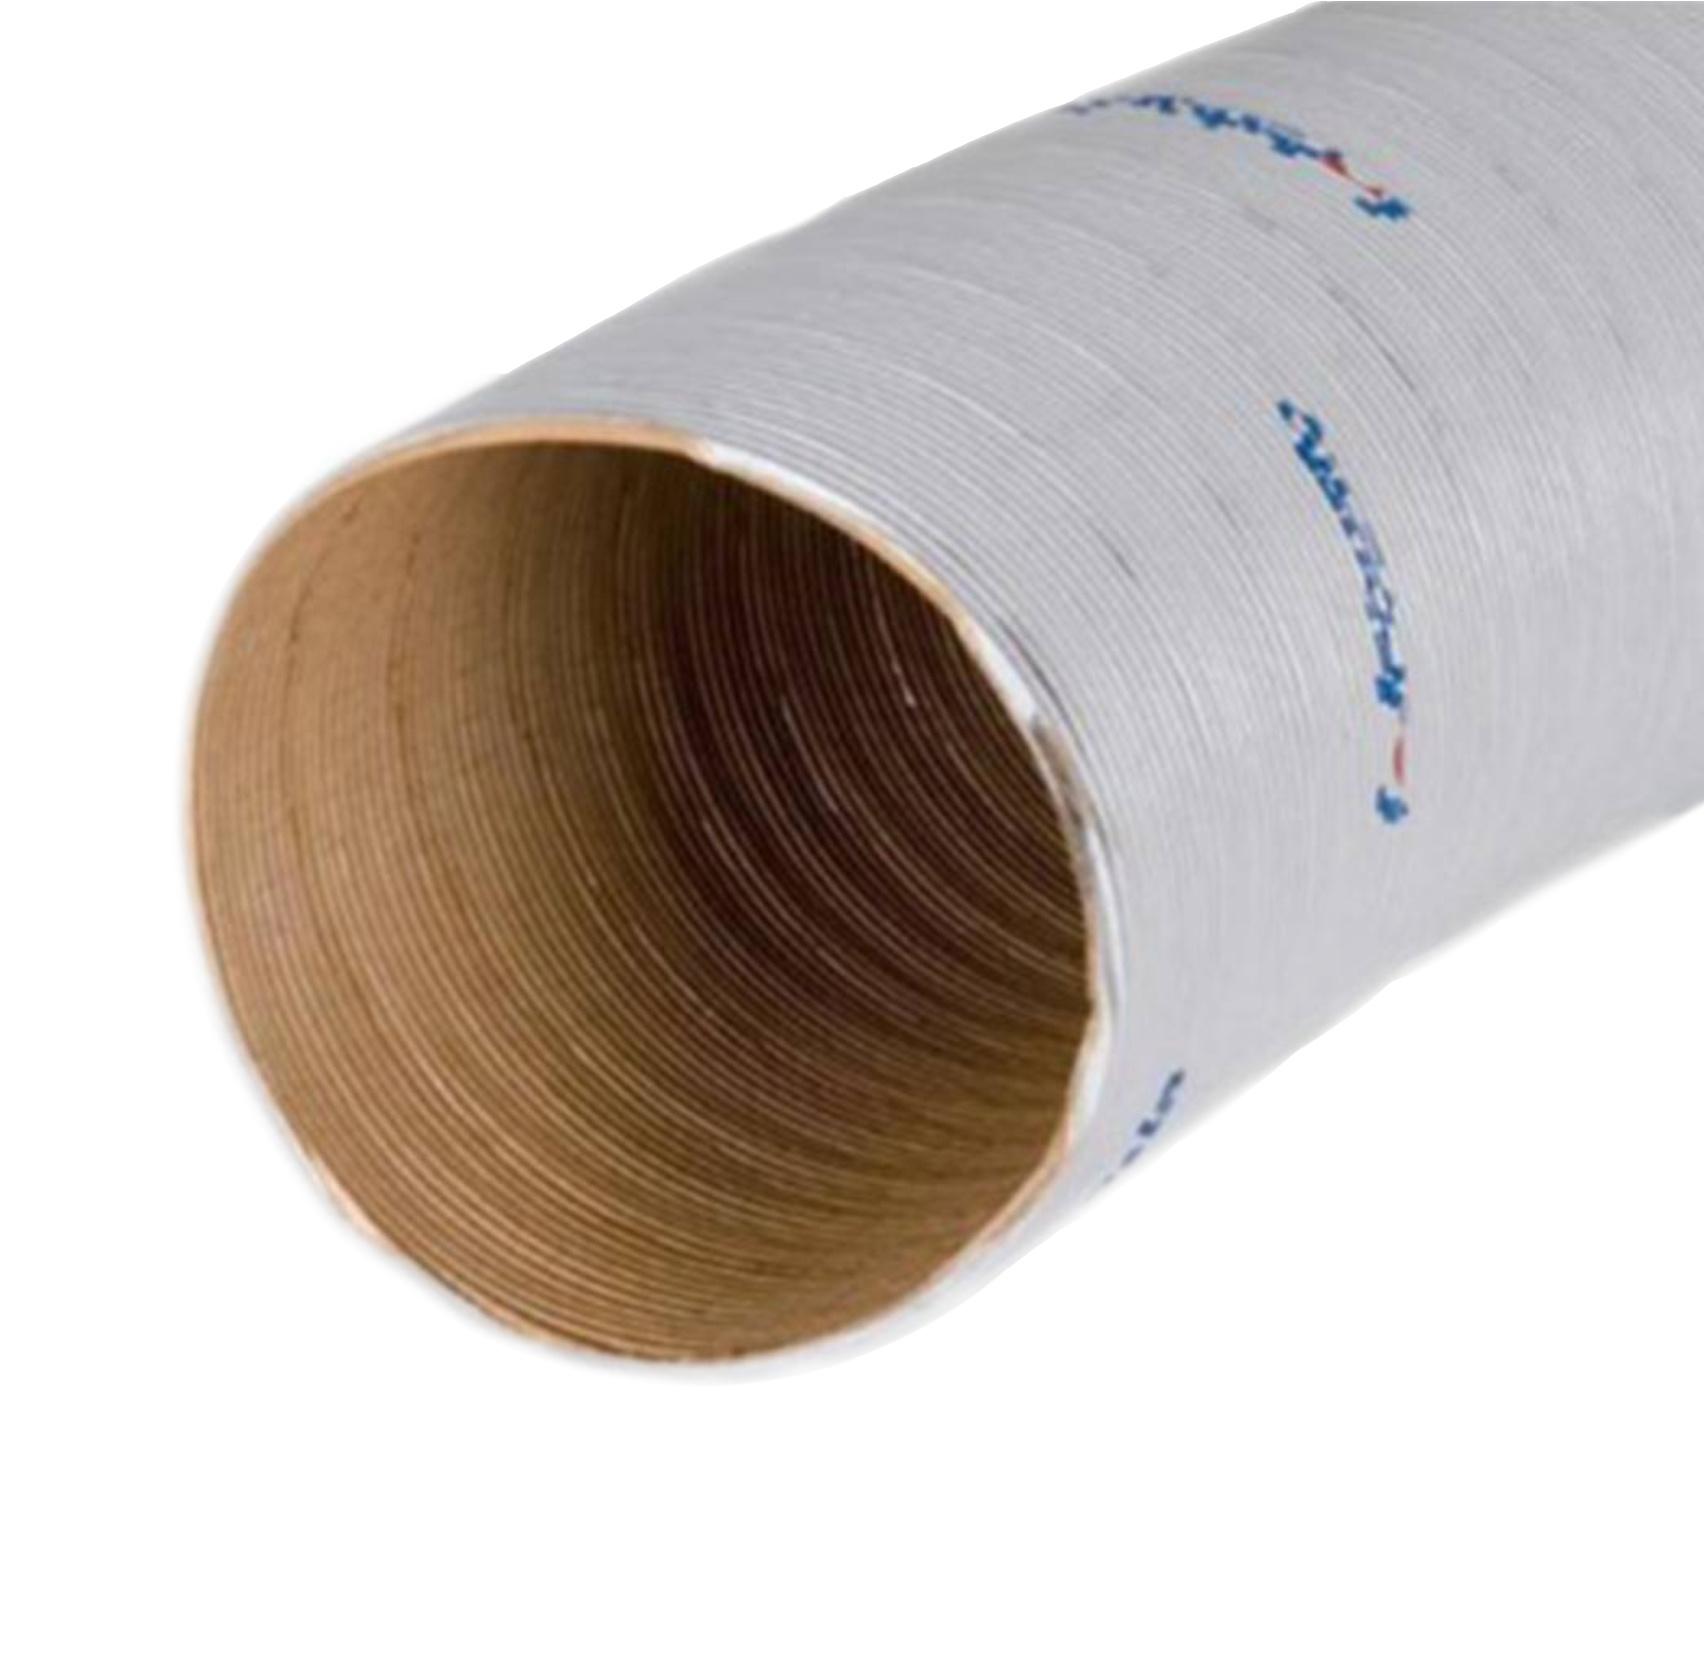 Webasto Webasto papk luchtslang 90mm 5m